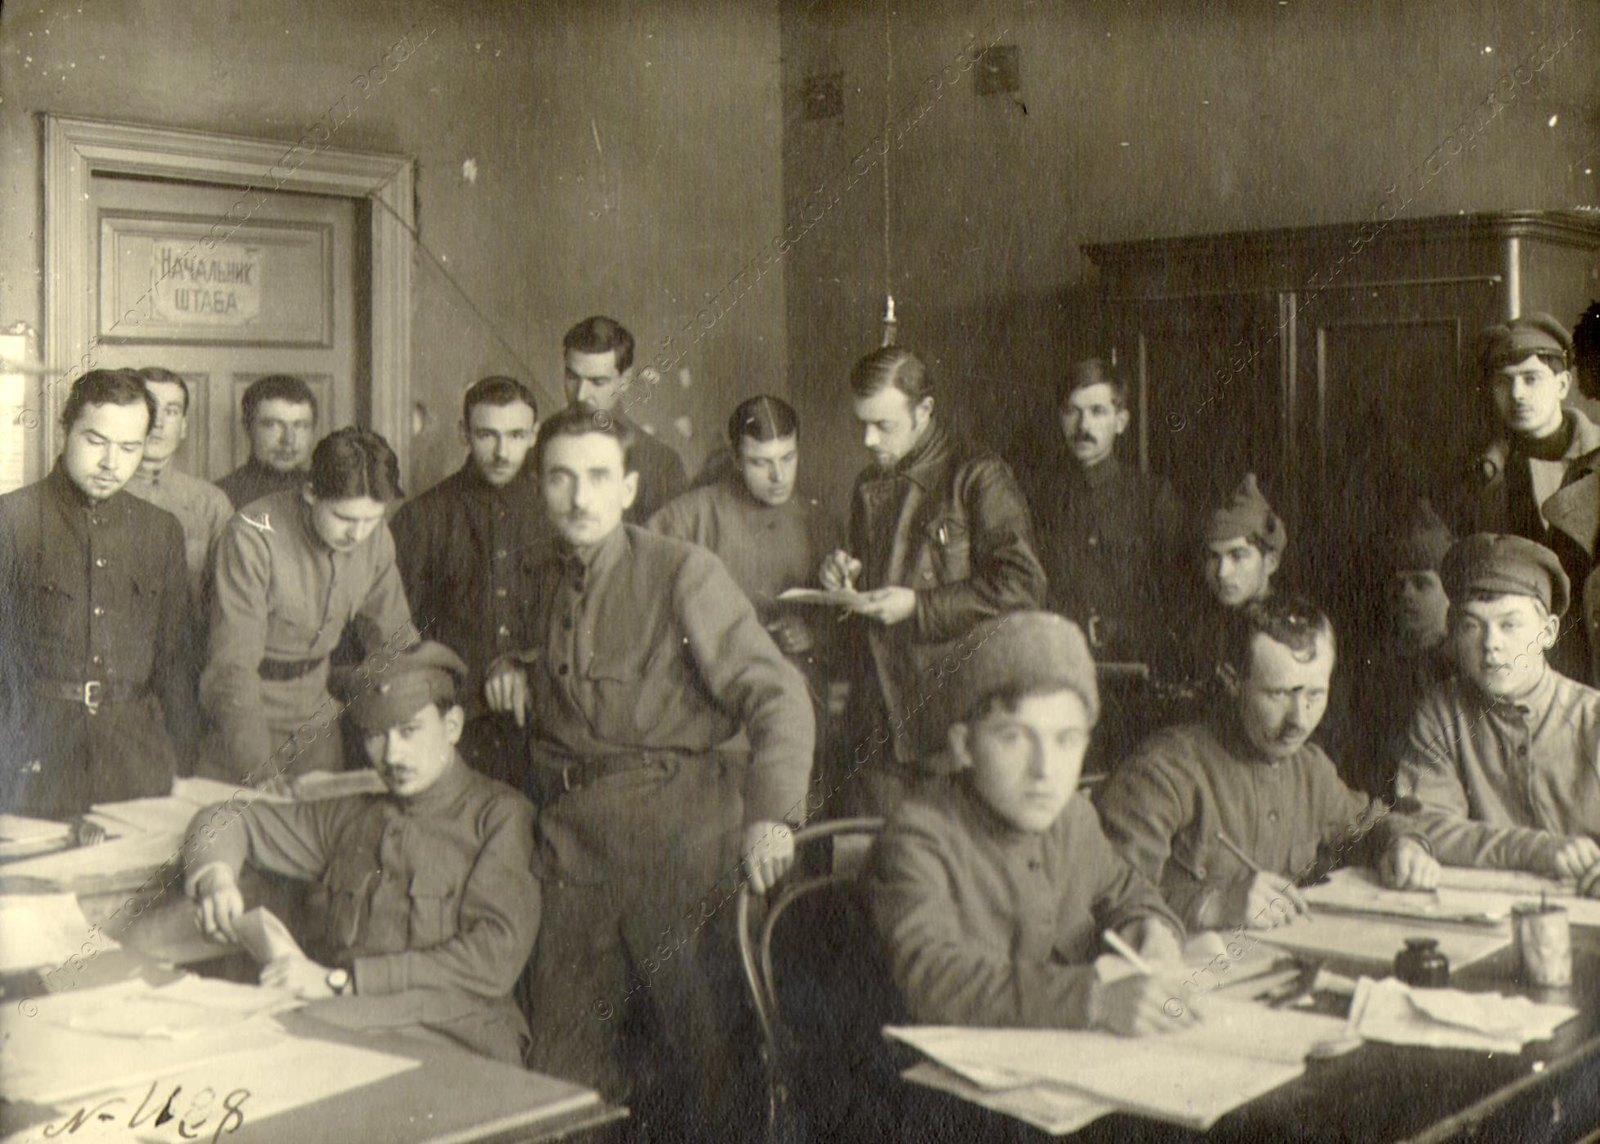 1920. Группа сотрудников оперативного отделения штаба Южной группы войск